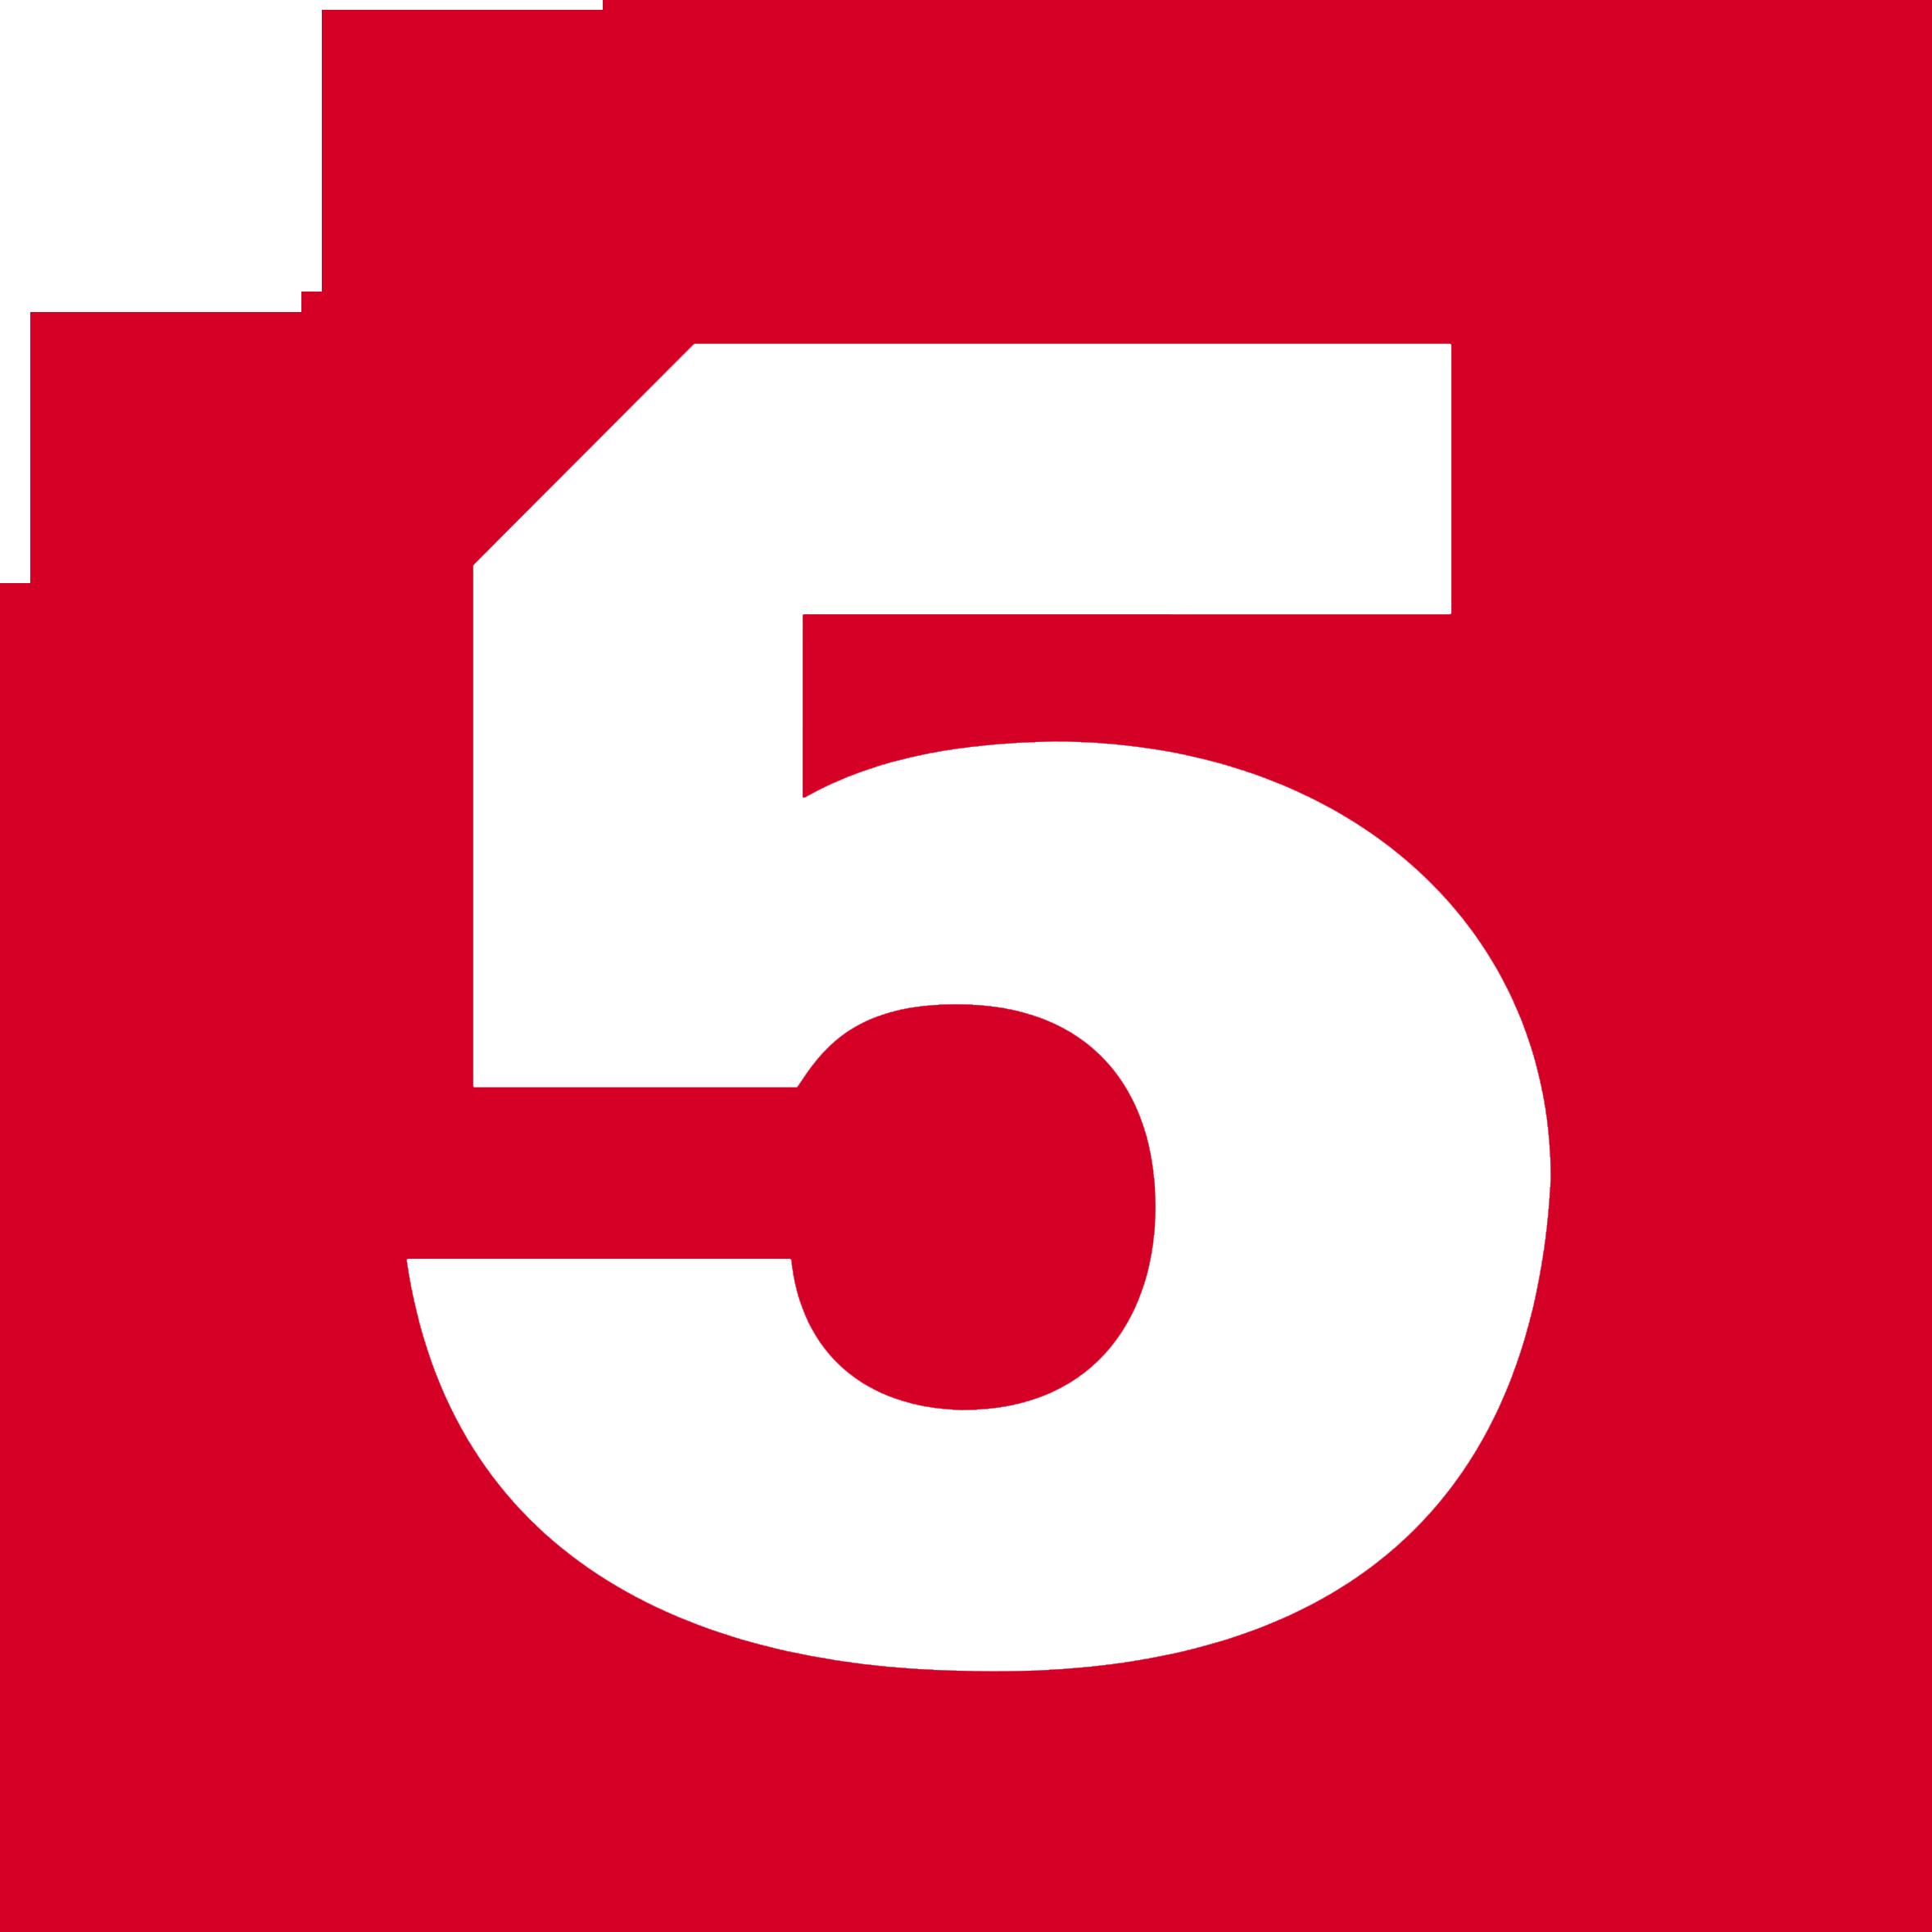 Пятый канал (2008-н.в.) (используется в эфире)